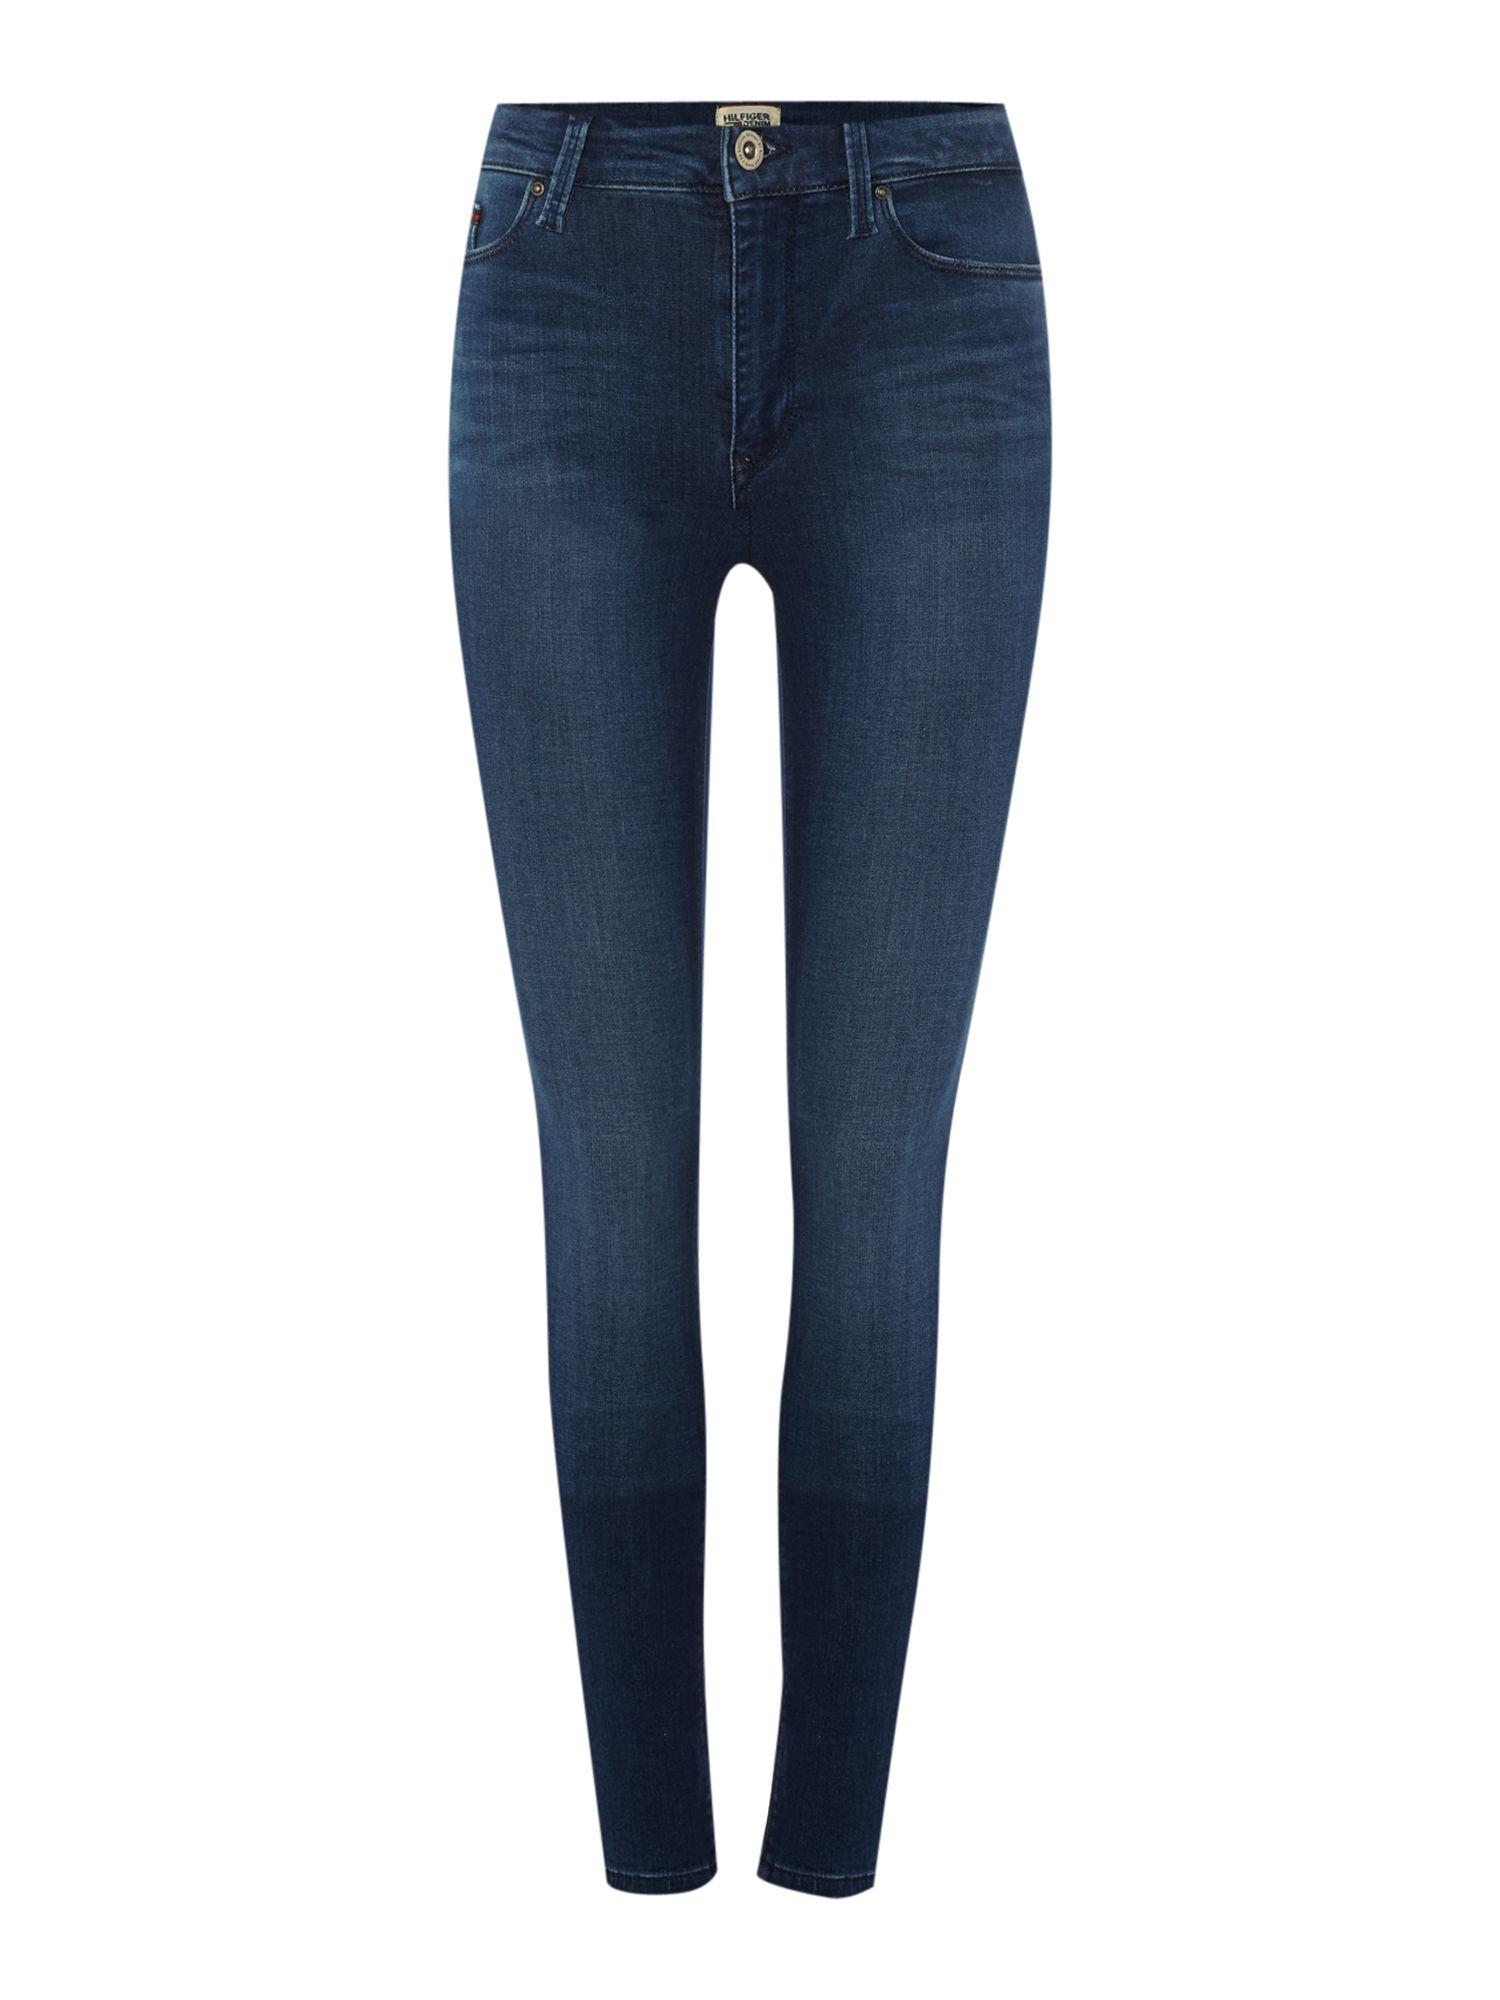 tommy hilfiger santana skinny fit jeans in blue lyst. Black Bedroom Furniture Sets. Home Design Ideas